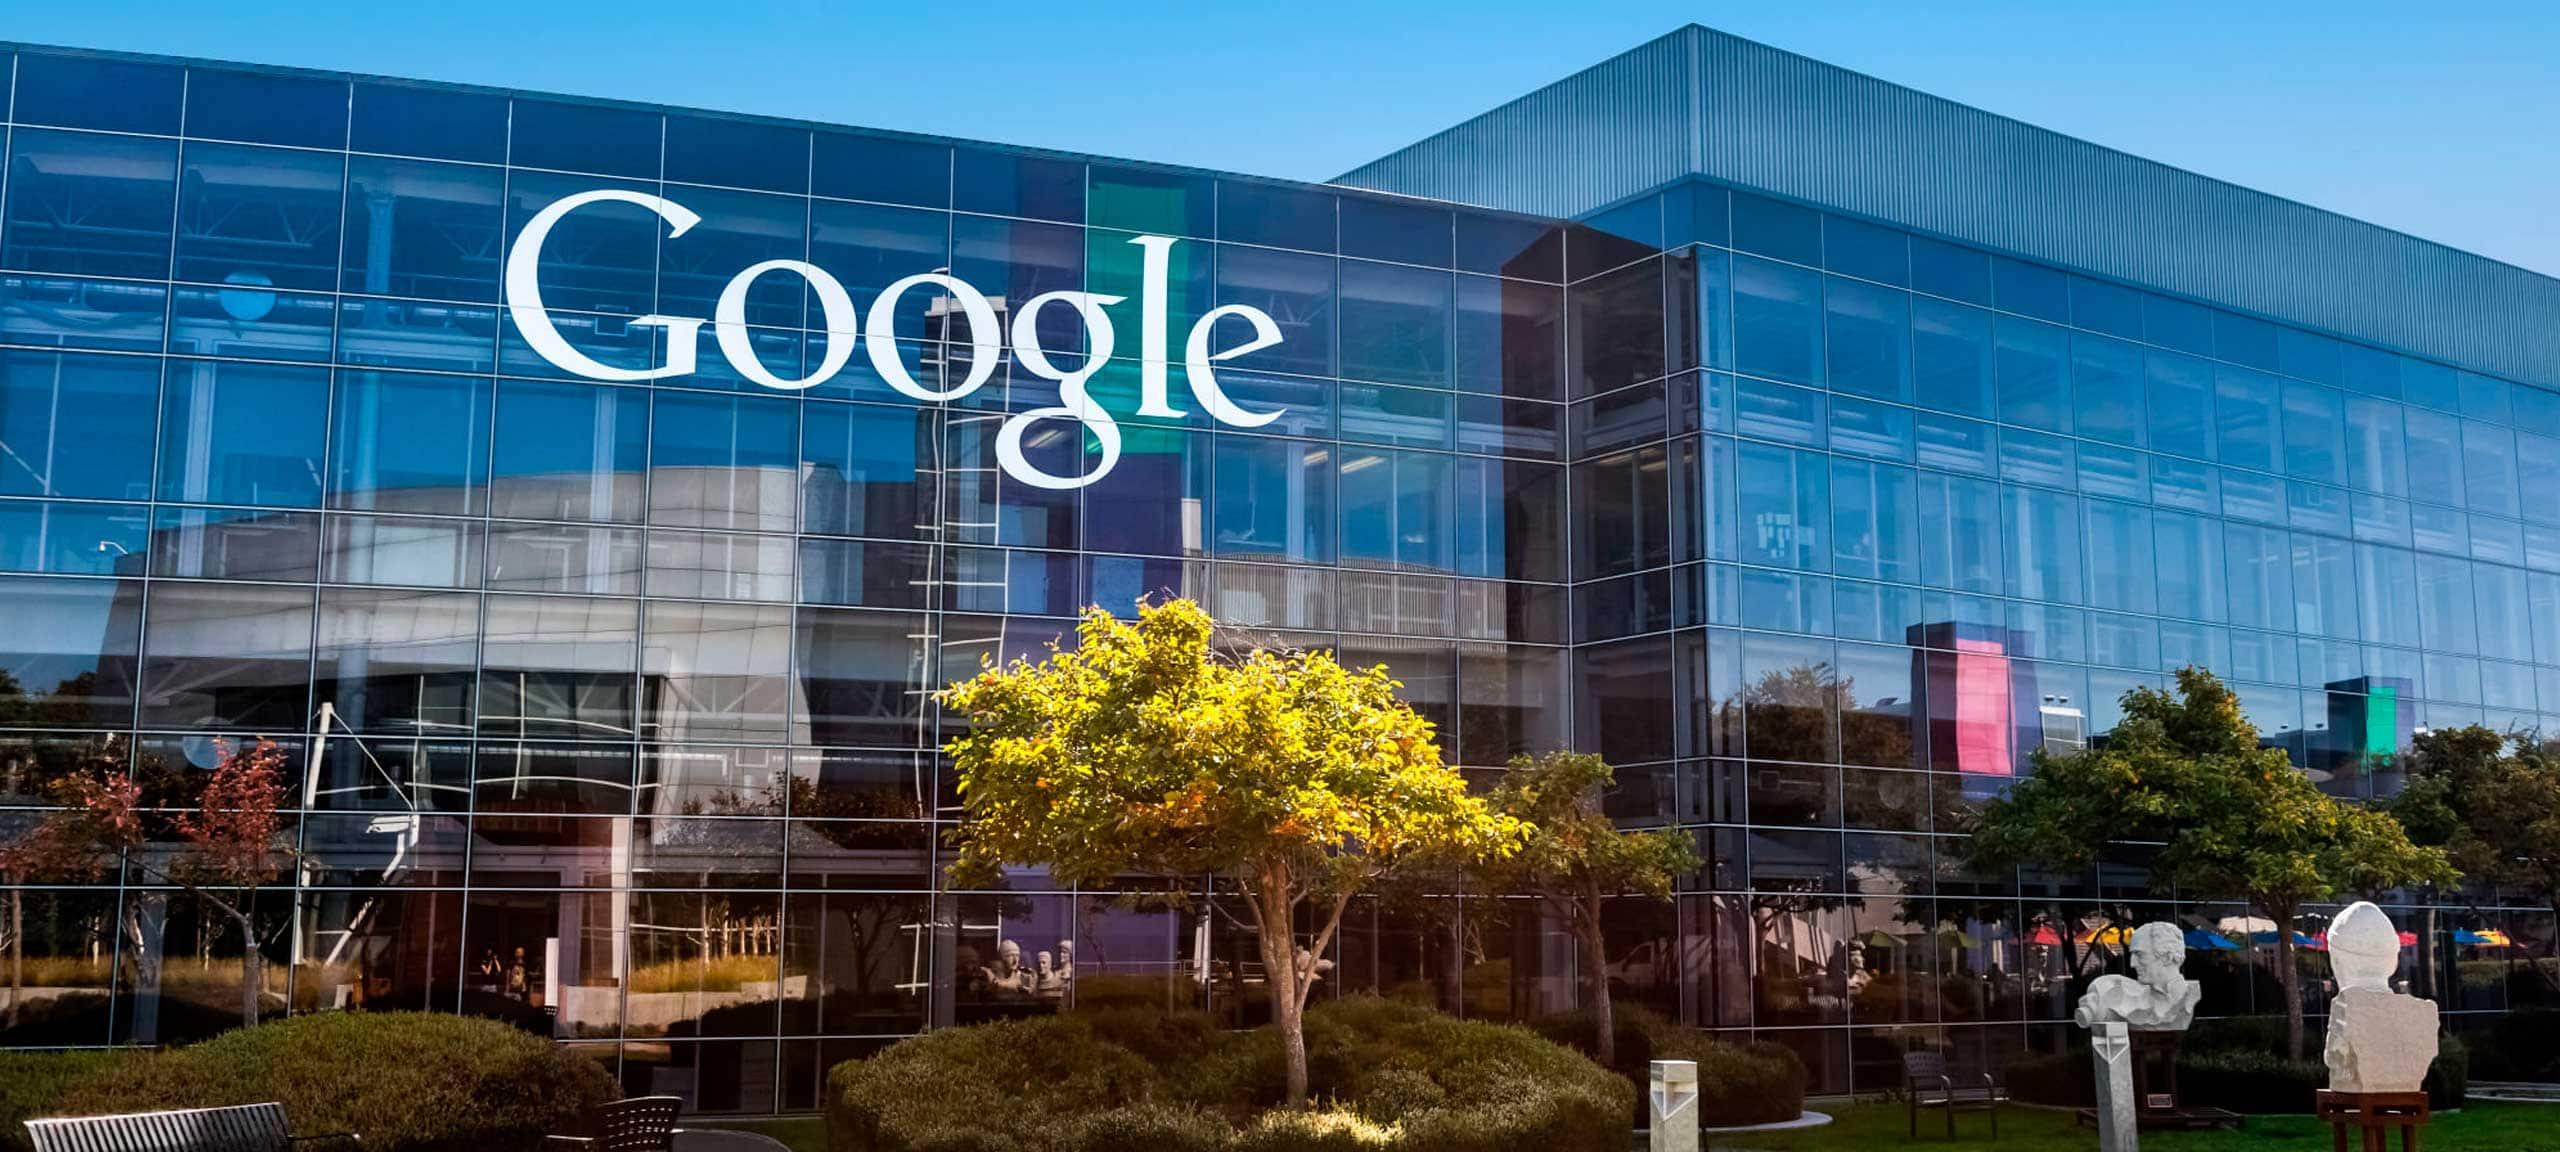 Agencia365 Google Partner fue seleccionada por Google Inc. como una de las 11 Agencias Partners reconocidas por los resultados obtenidos para sus clientes.